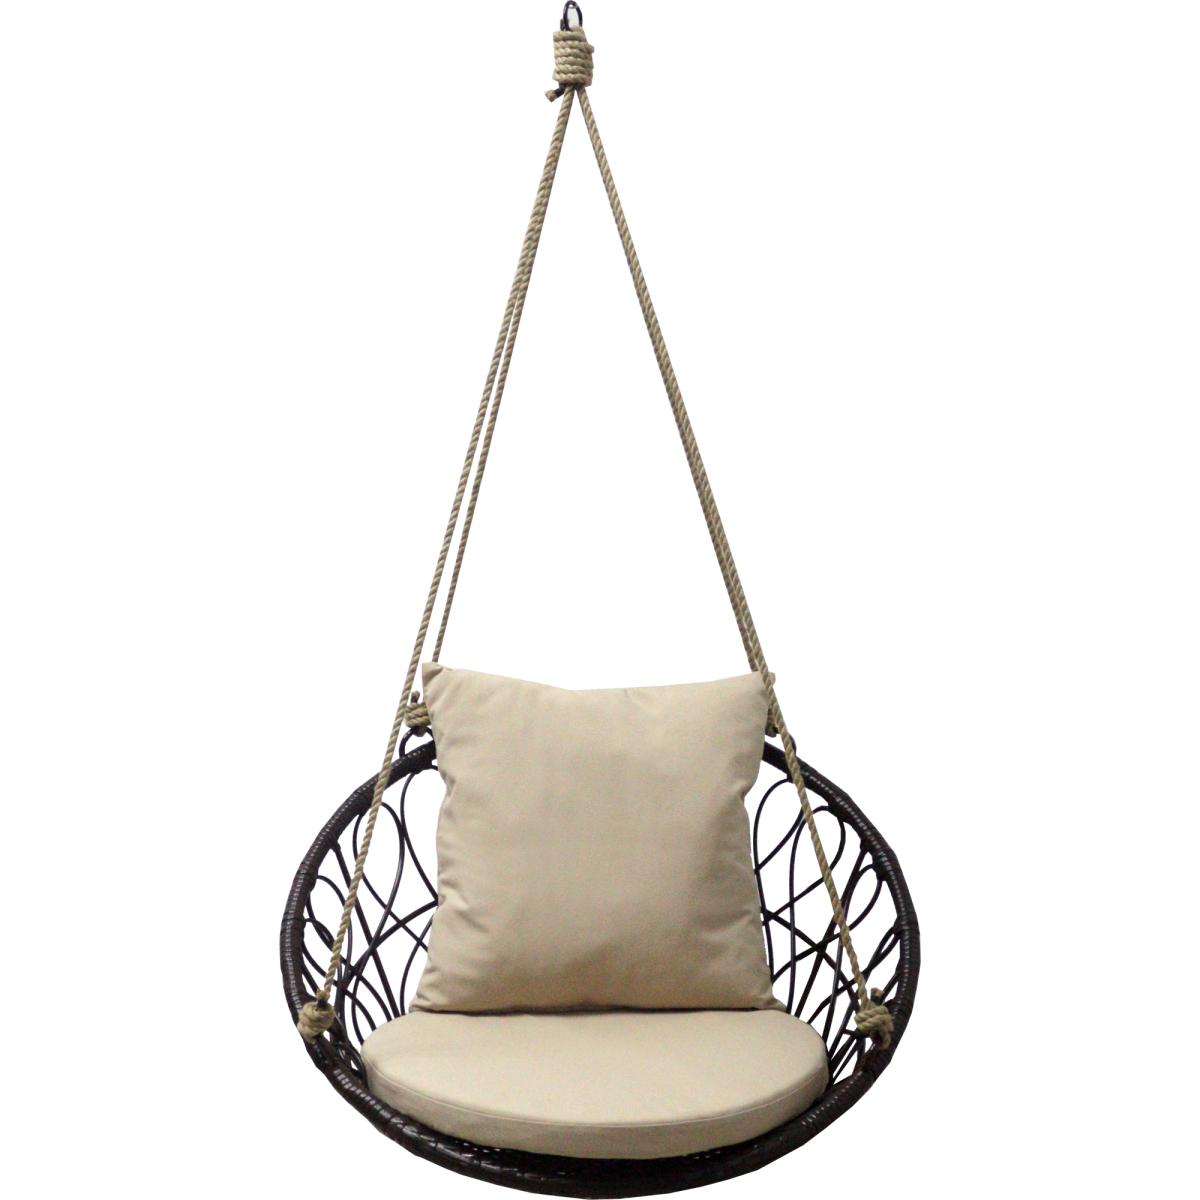 Кресло Подвесное Без Опоры Siesta 2 80x565x706 Искусственный Ротанг Темно-Коричневый/Бежевый